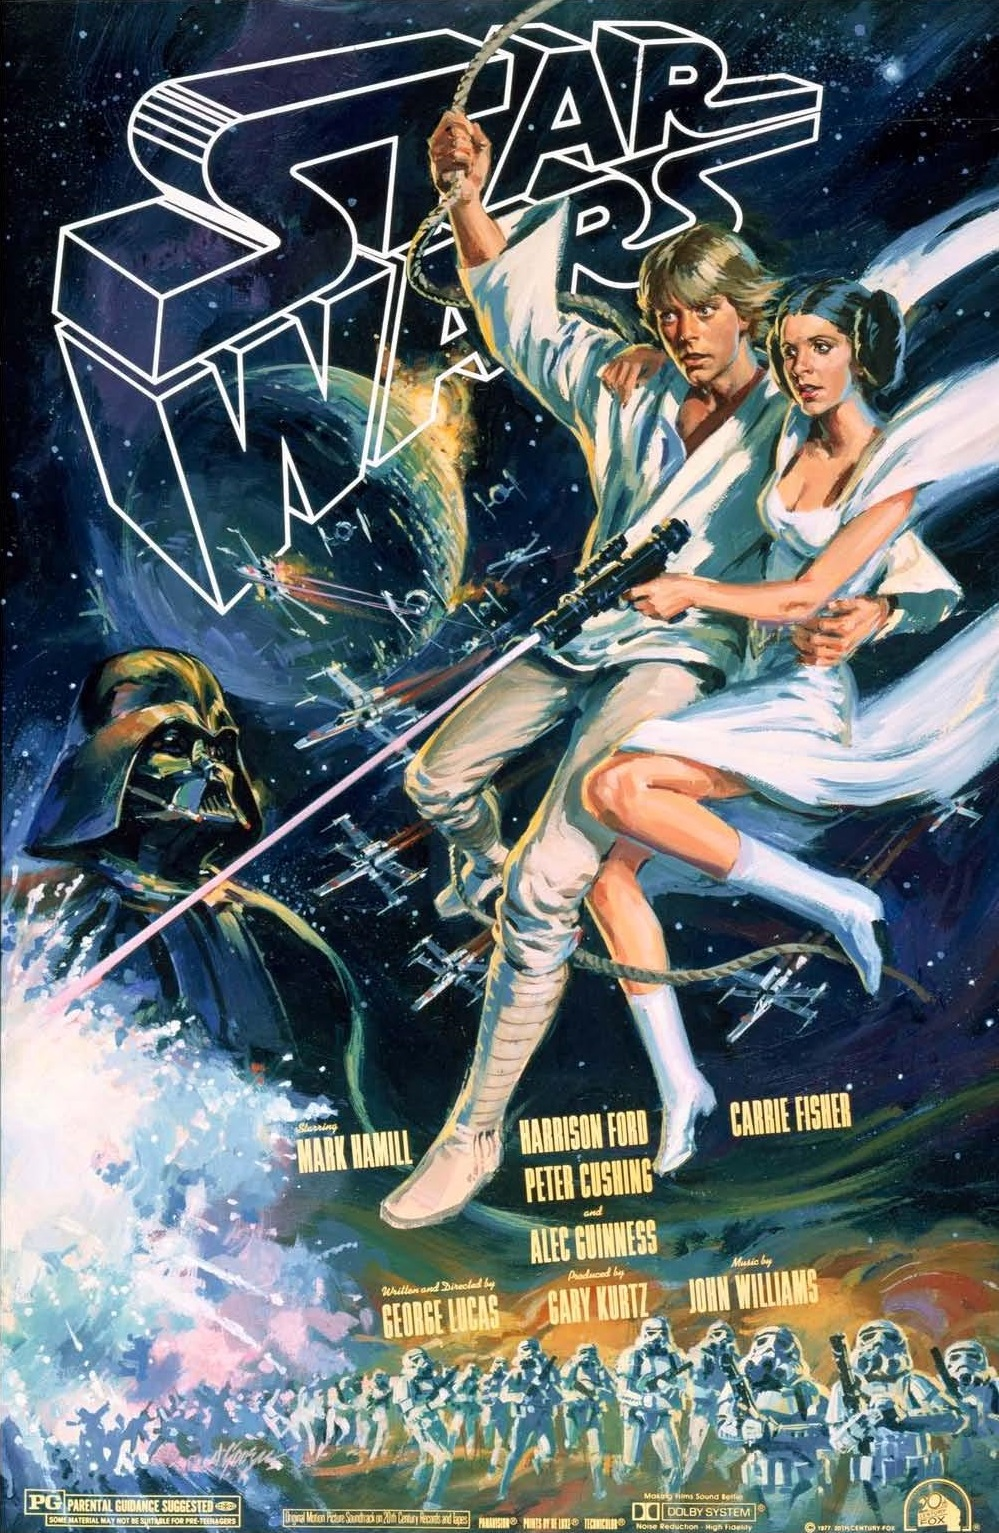 Str Wars poster